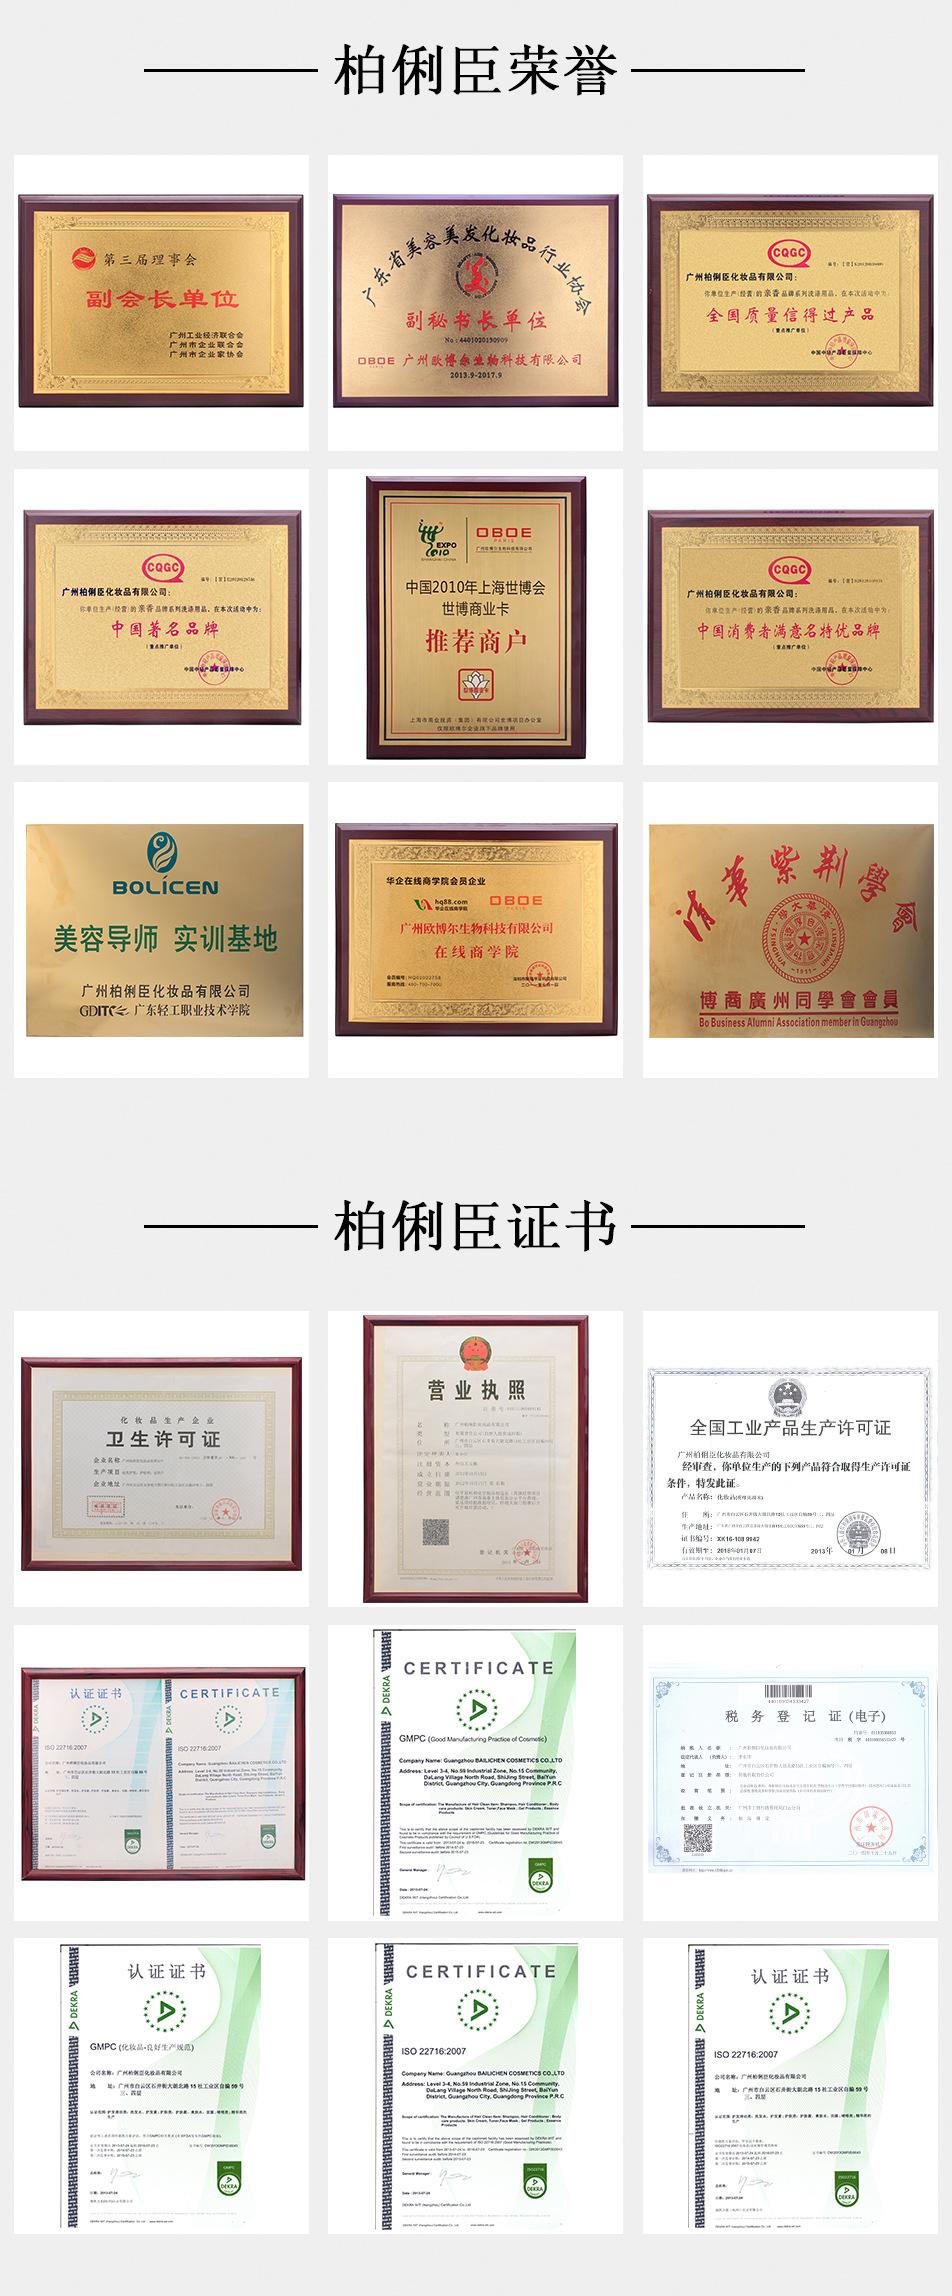 广州柏俐臣化妆品公司 玻尿酸原液 OEM/ODM加工